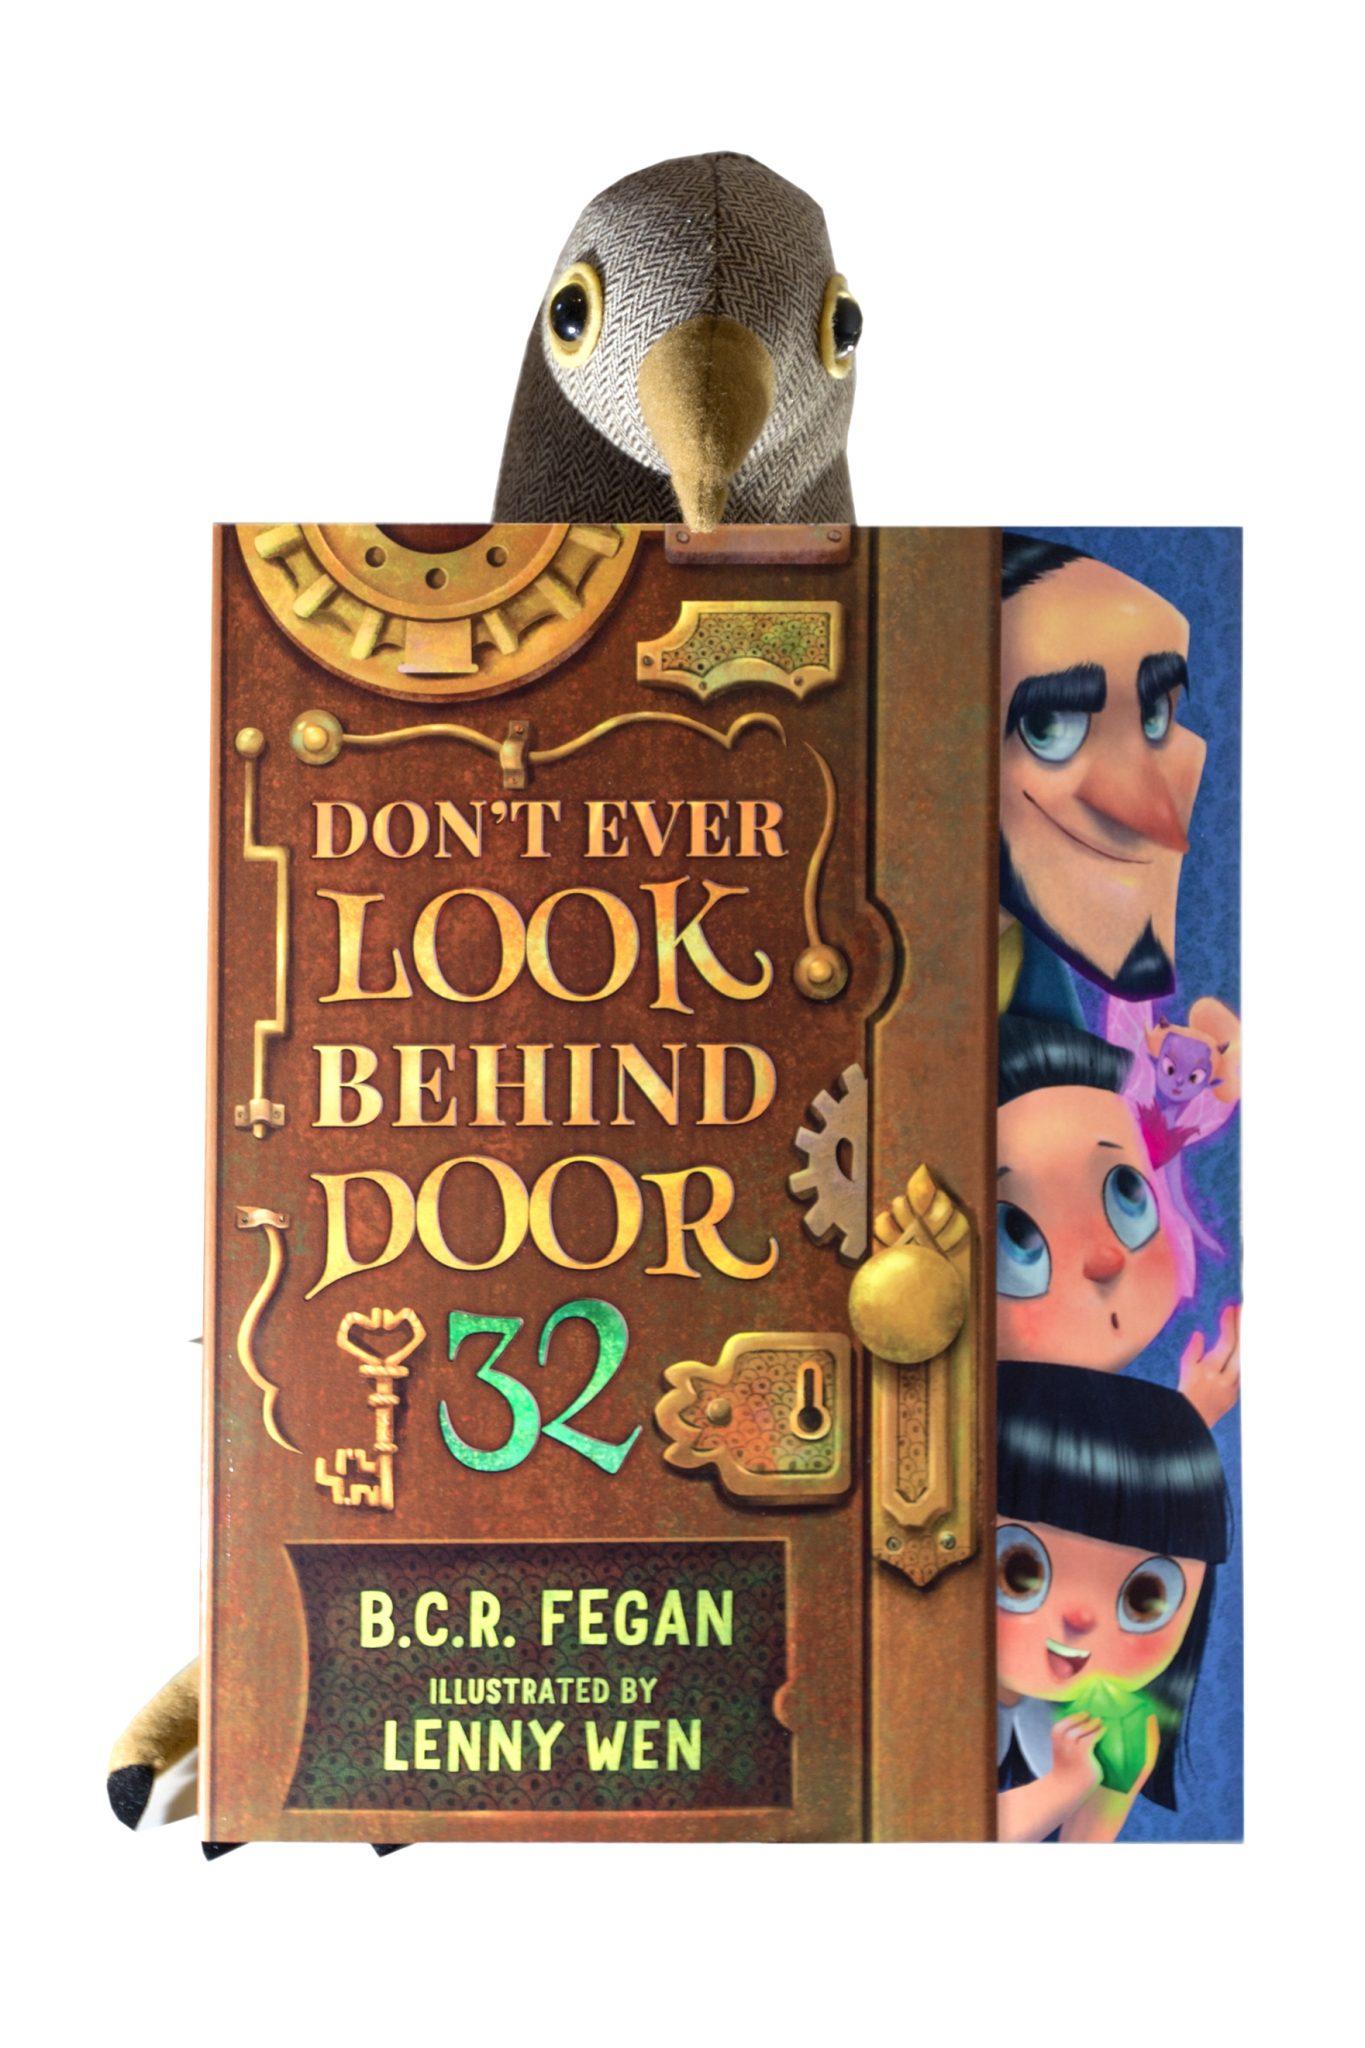 Don't Ever Look Behind Door 31 children's book review at https://lukeosaurusandme.co.uk